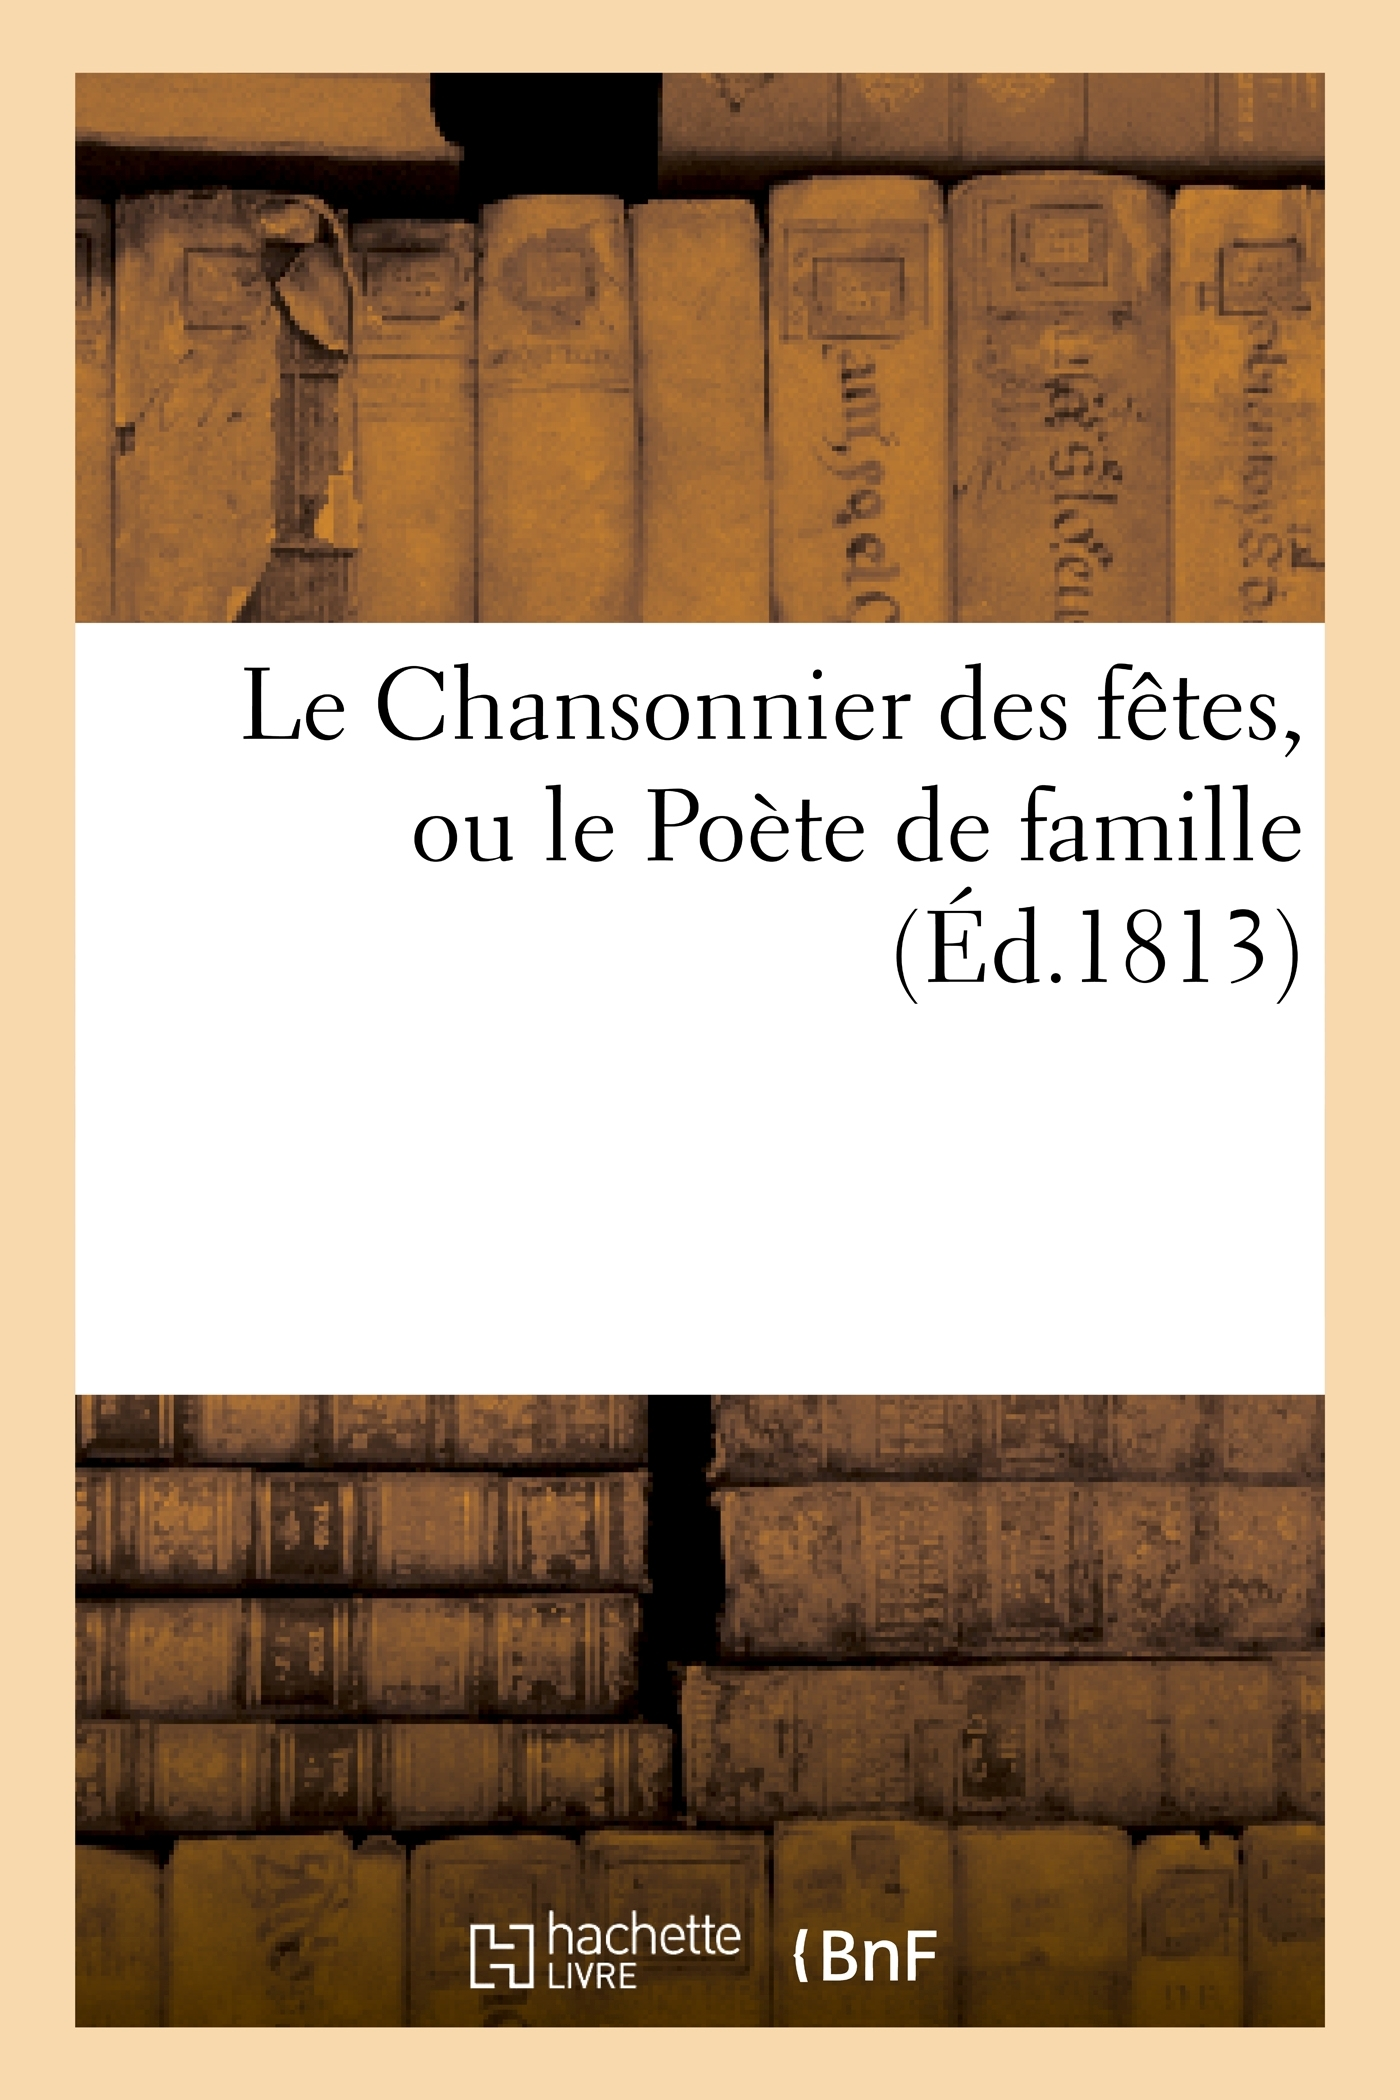 LE CHANSONNIER DES FETES, OU LE POETE DE FAMILLE